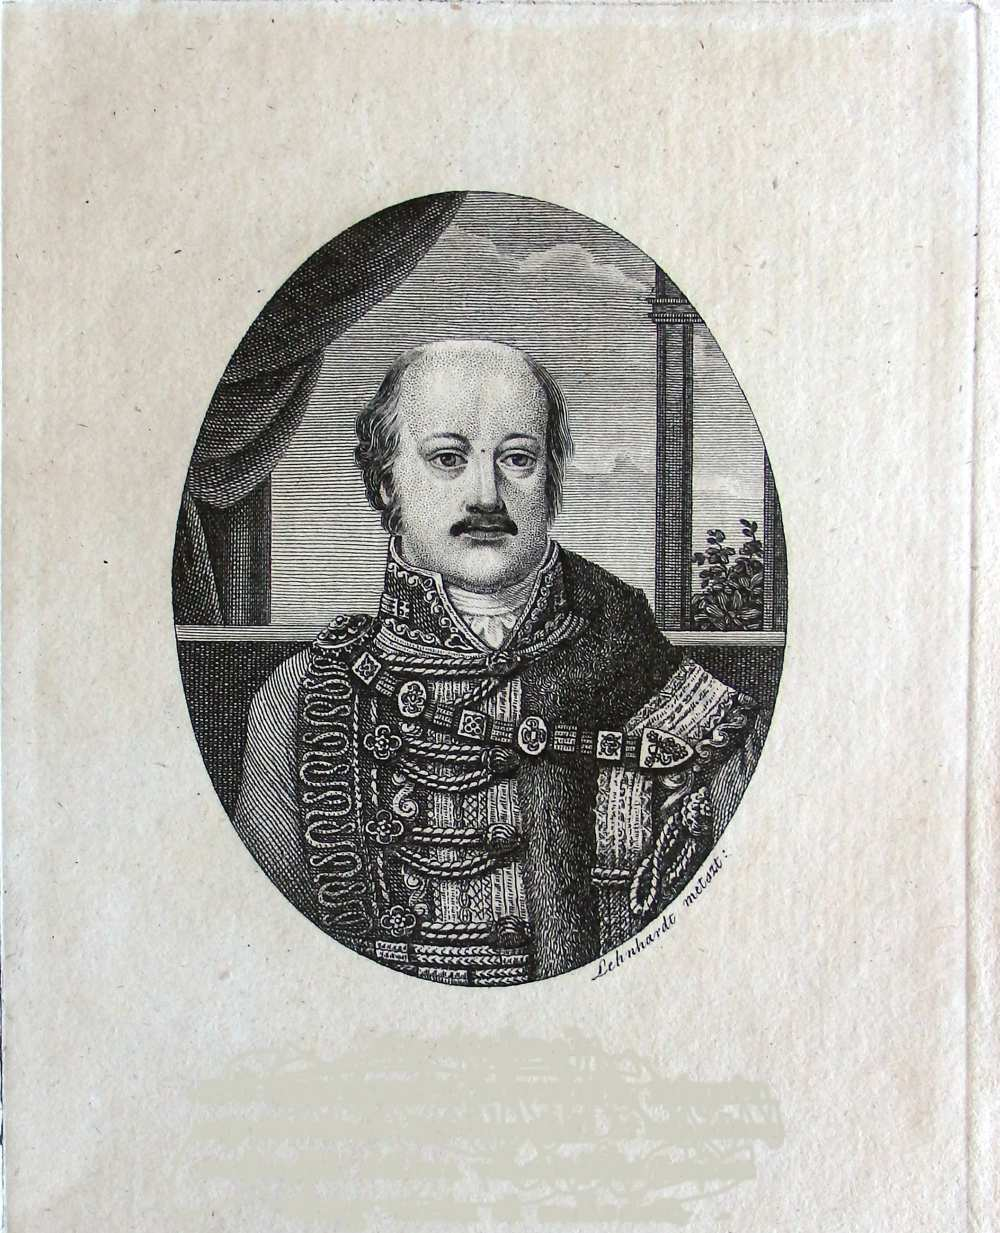 Lehnhardt Sámuel (1790–1840): Jankovich Miklós-arckép, részlet, 1830. Rézmetszet – Kézirattár, Jankovich-kéziratok, Fond 16/1